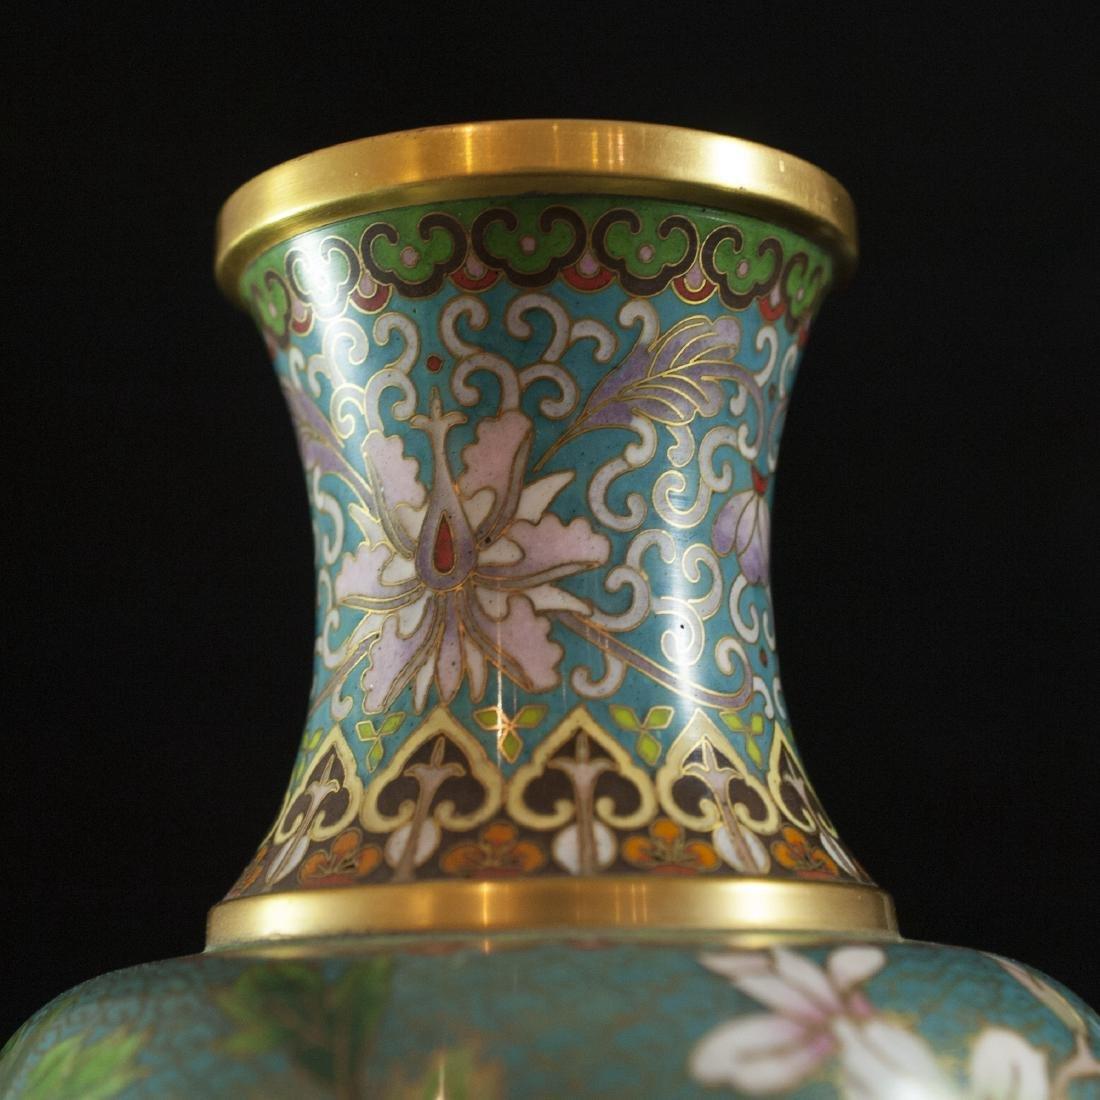 Chinese Enameled Cloisonne Vases - 2